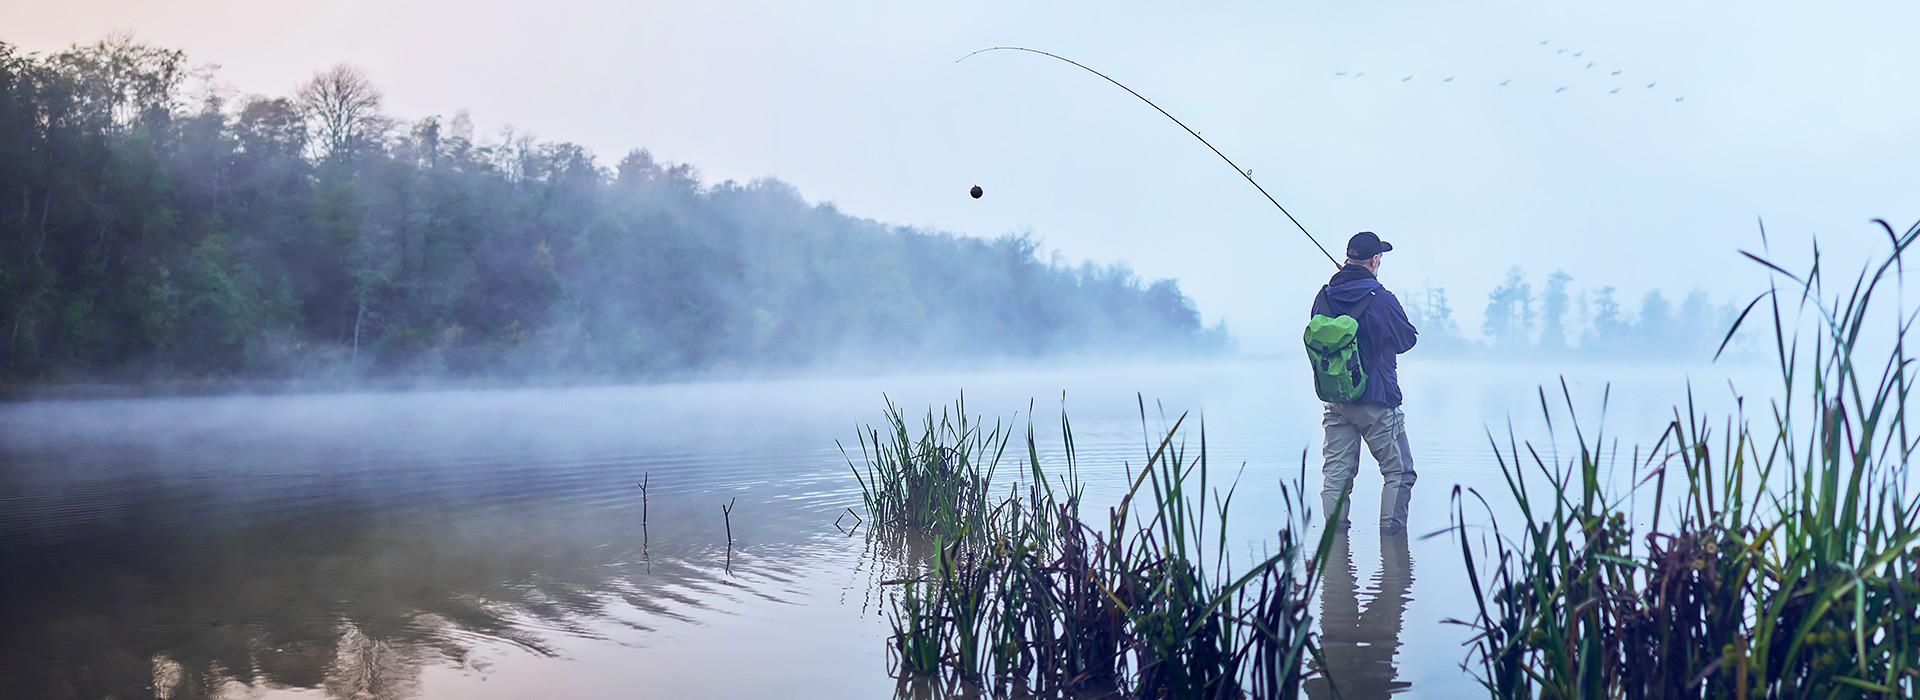 Valmistaudu tulevaan kalastuskauteenAloita fiksumpi kalastus, hinnat alk. vain 189,99 €!